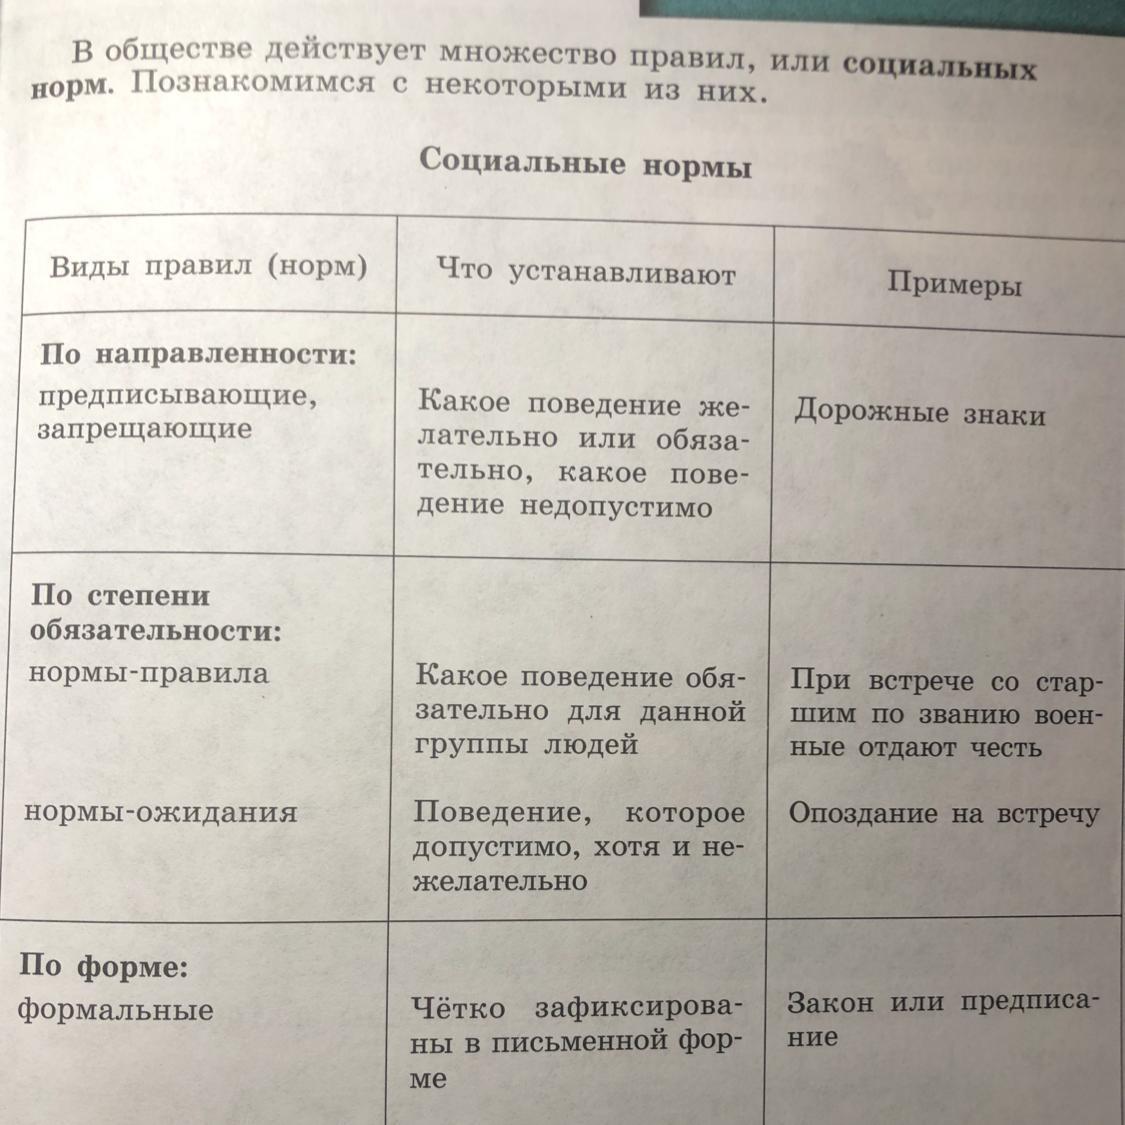 Пенсионный фонд министерства обороны адрес